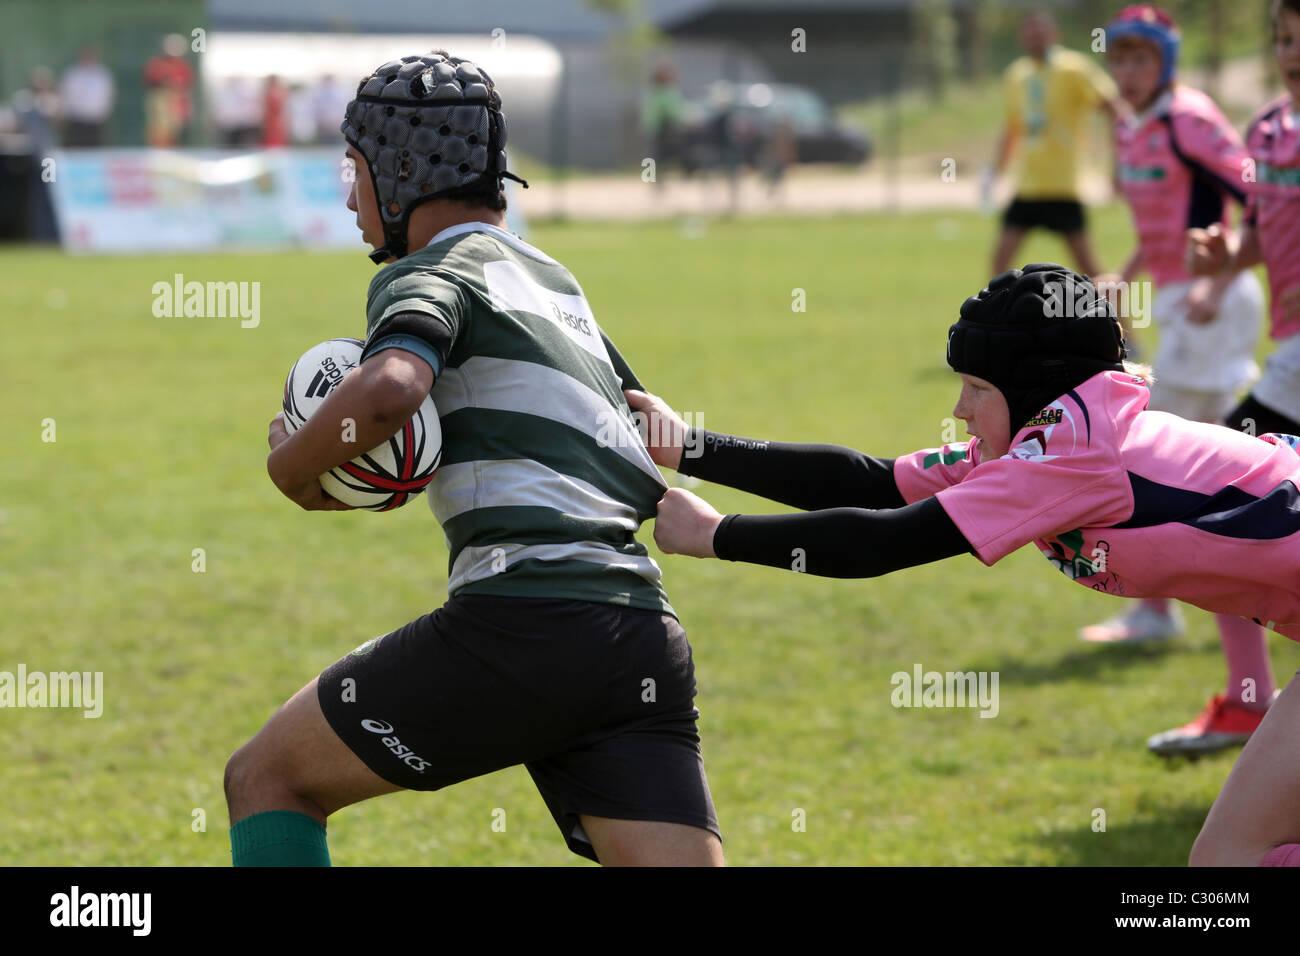 Los muchachos jugando al rugby en el Rugby 2011 Festival de la Juventud de Portugal, Lisboa. Imagen De Stock